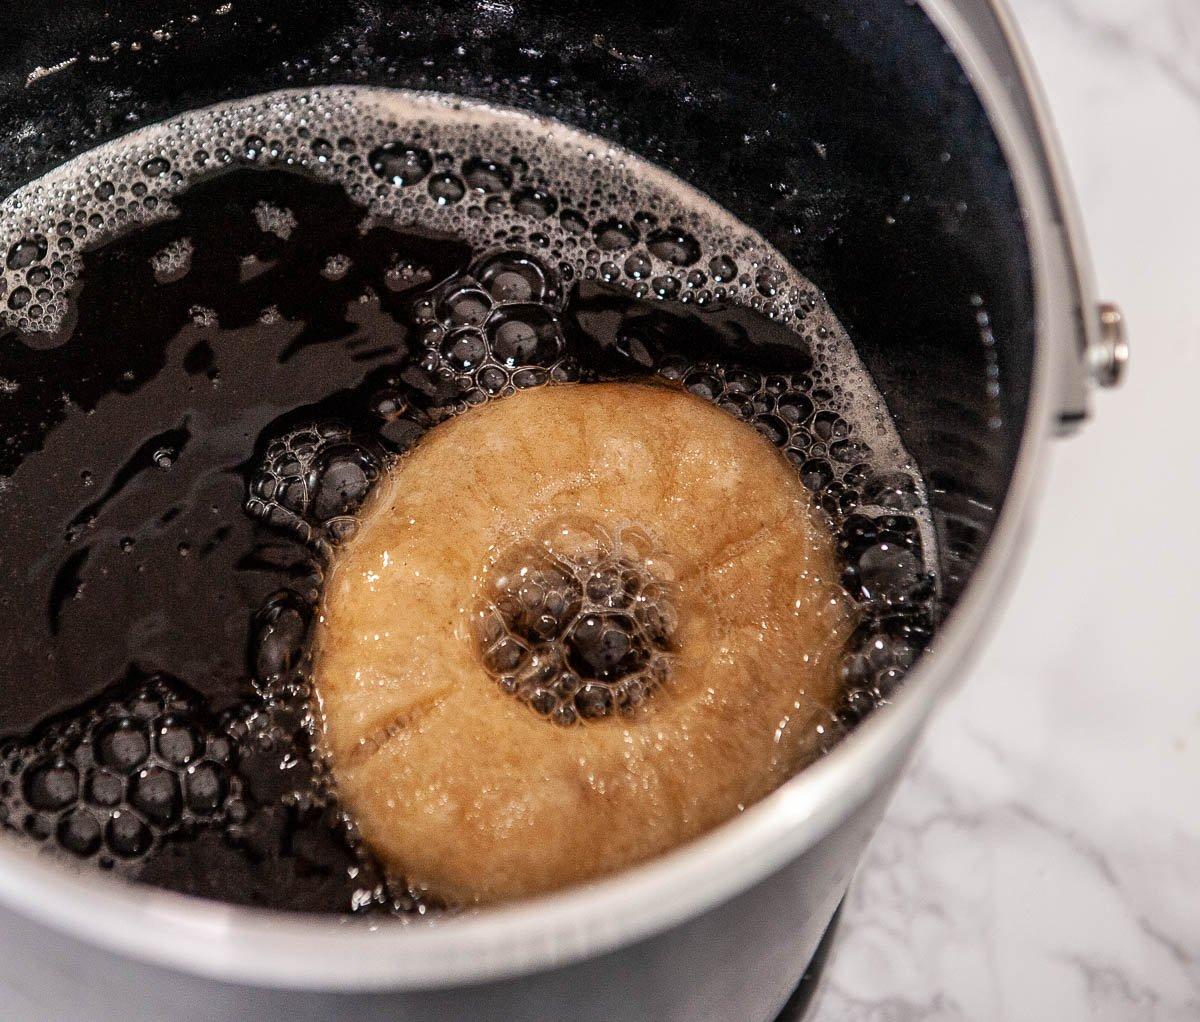 donut frying in a frydaddy